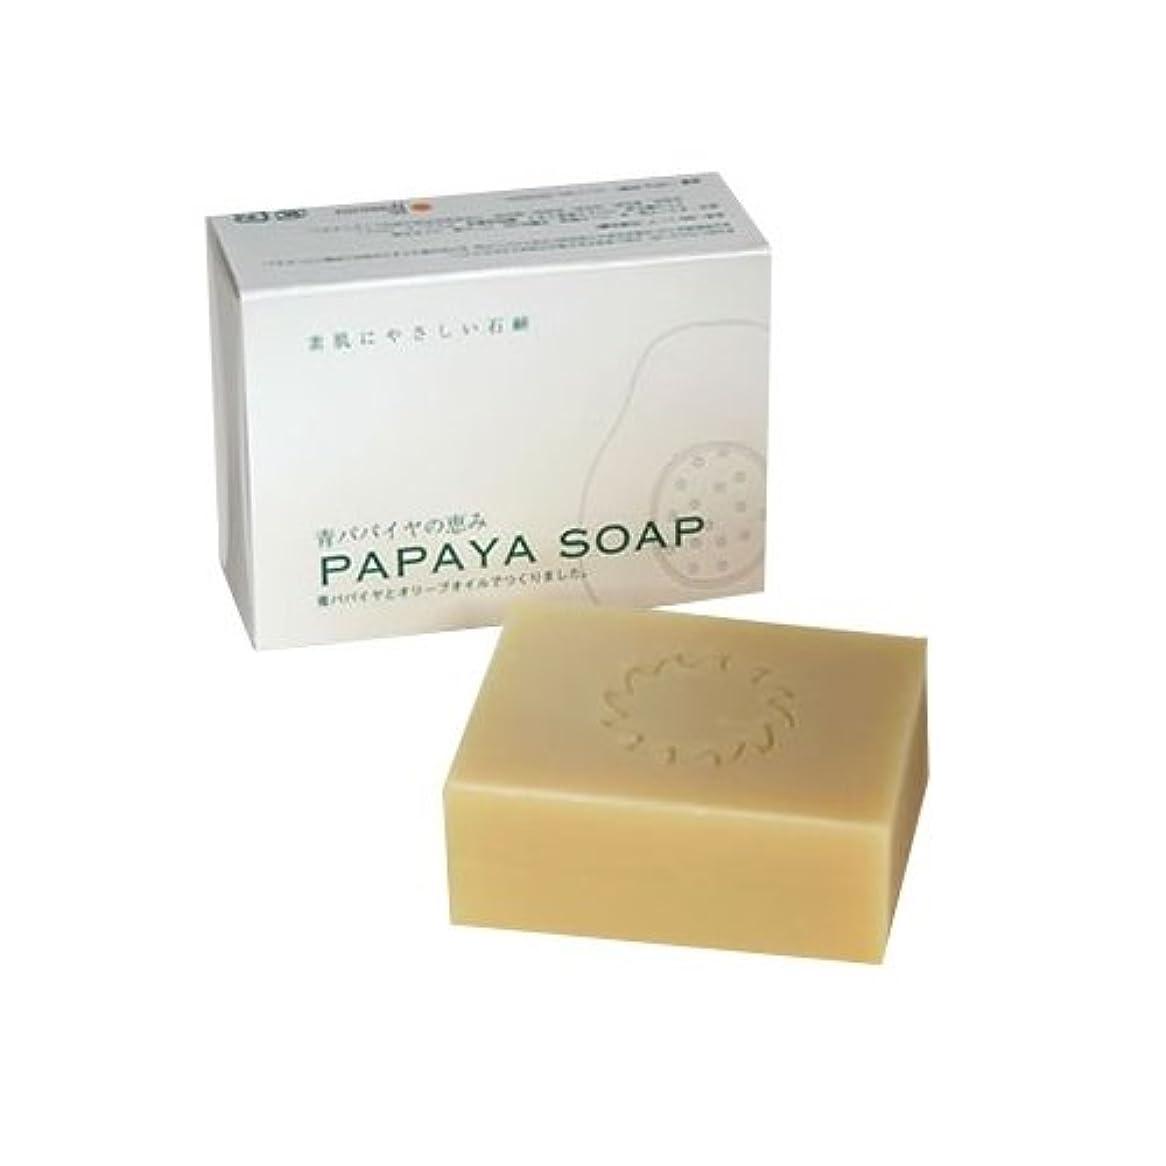 事実療法ローマ人青パパイヤの恵み PAPAYA SOAP(パパイヤソープ) 100g